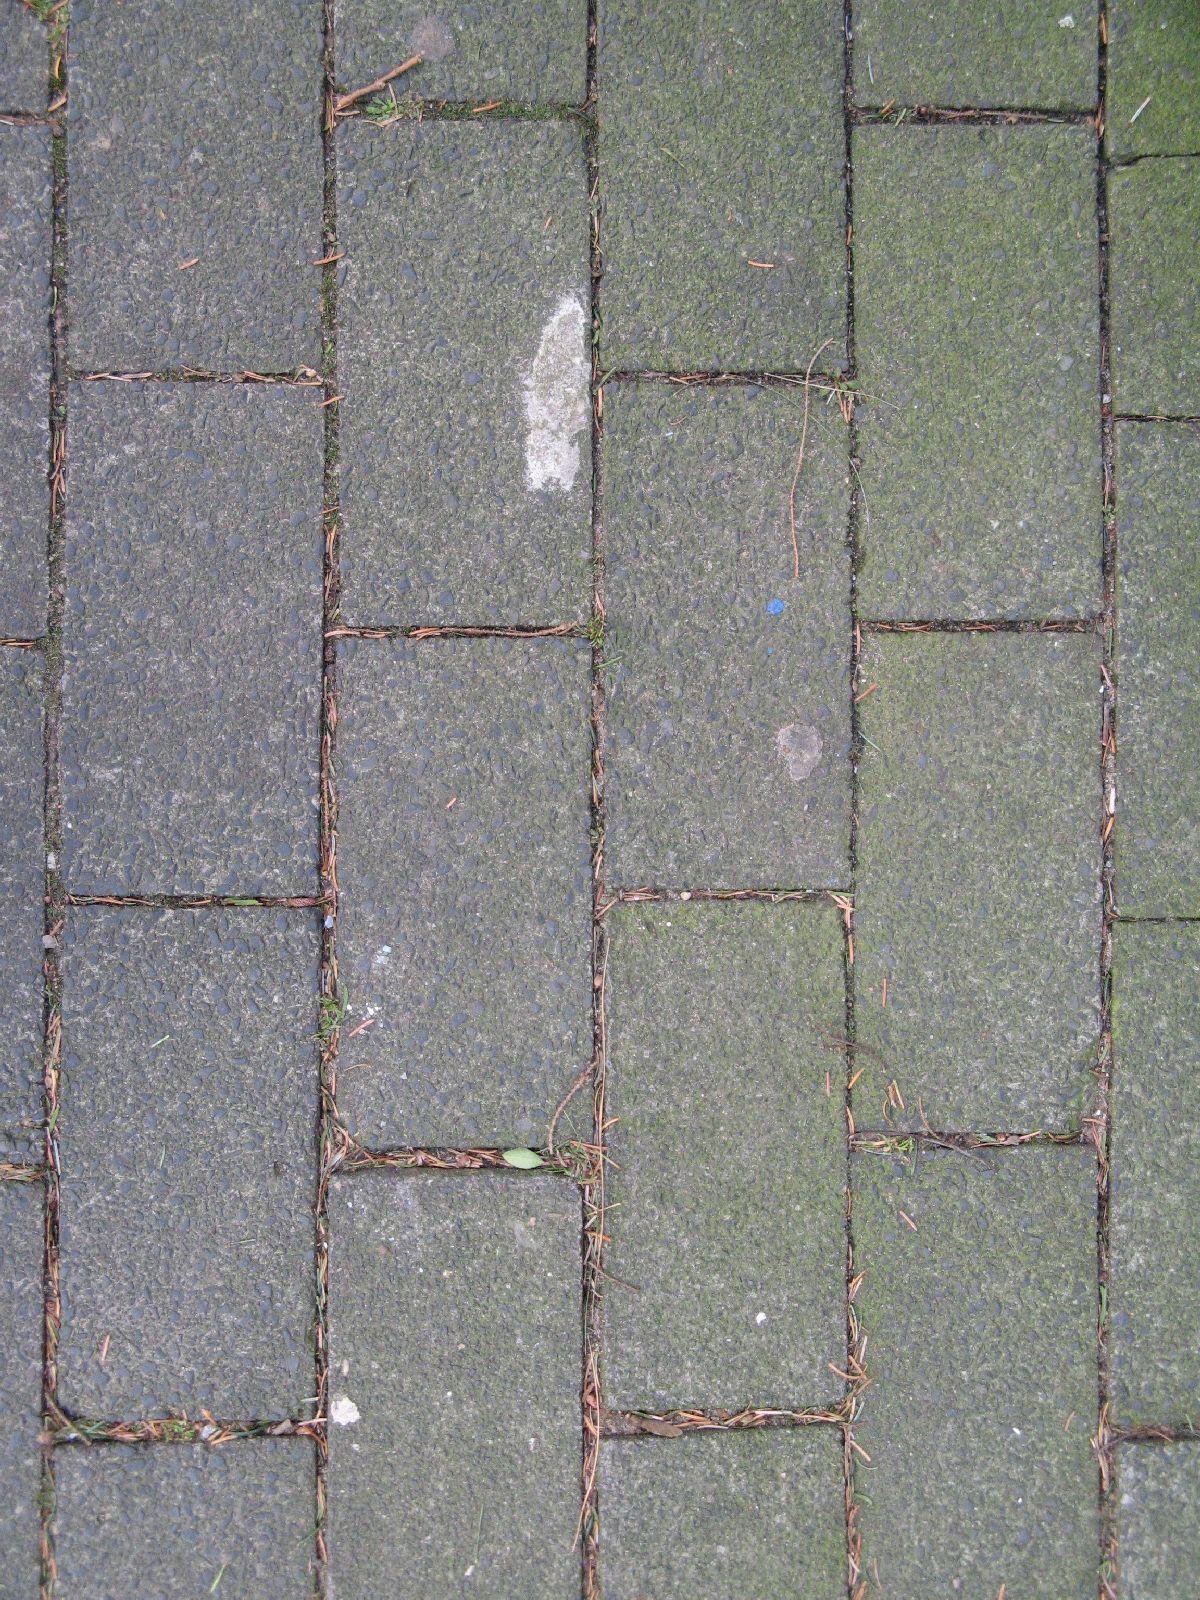 Boden-Gehweg-Strasse-Buergersteig-Textur_B_02972